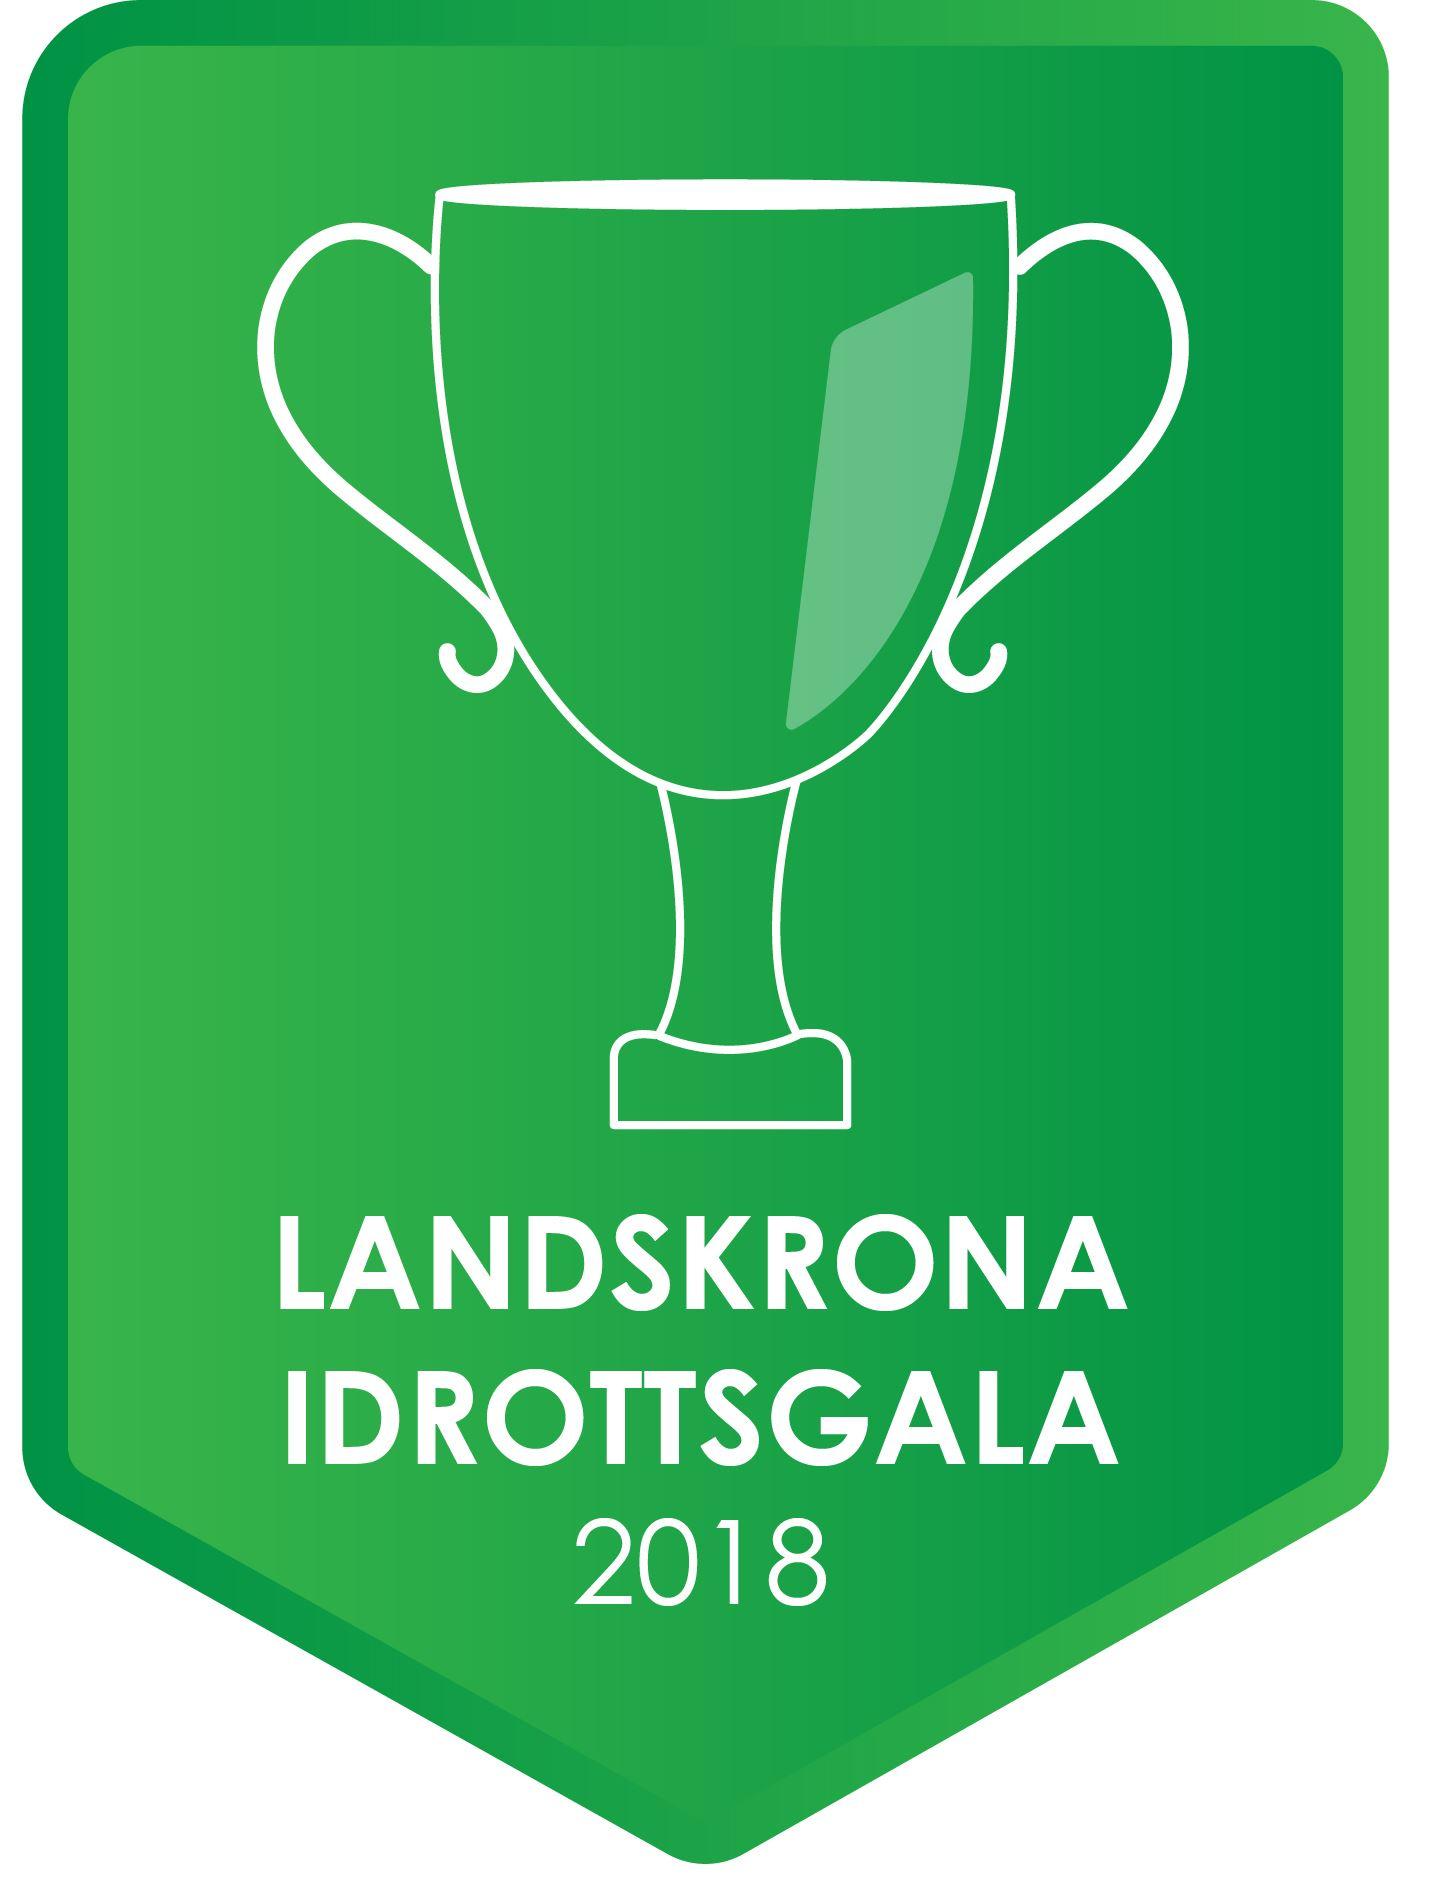 Logotyp för Landskrona idrottsgala 2018